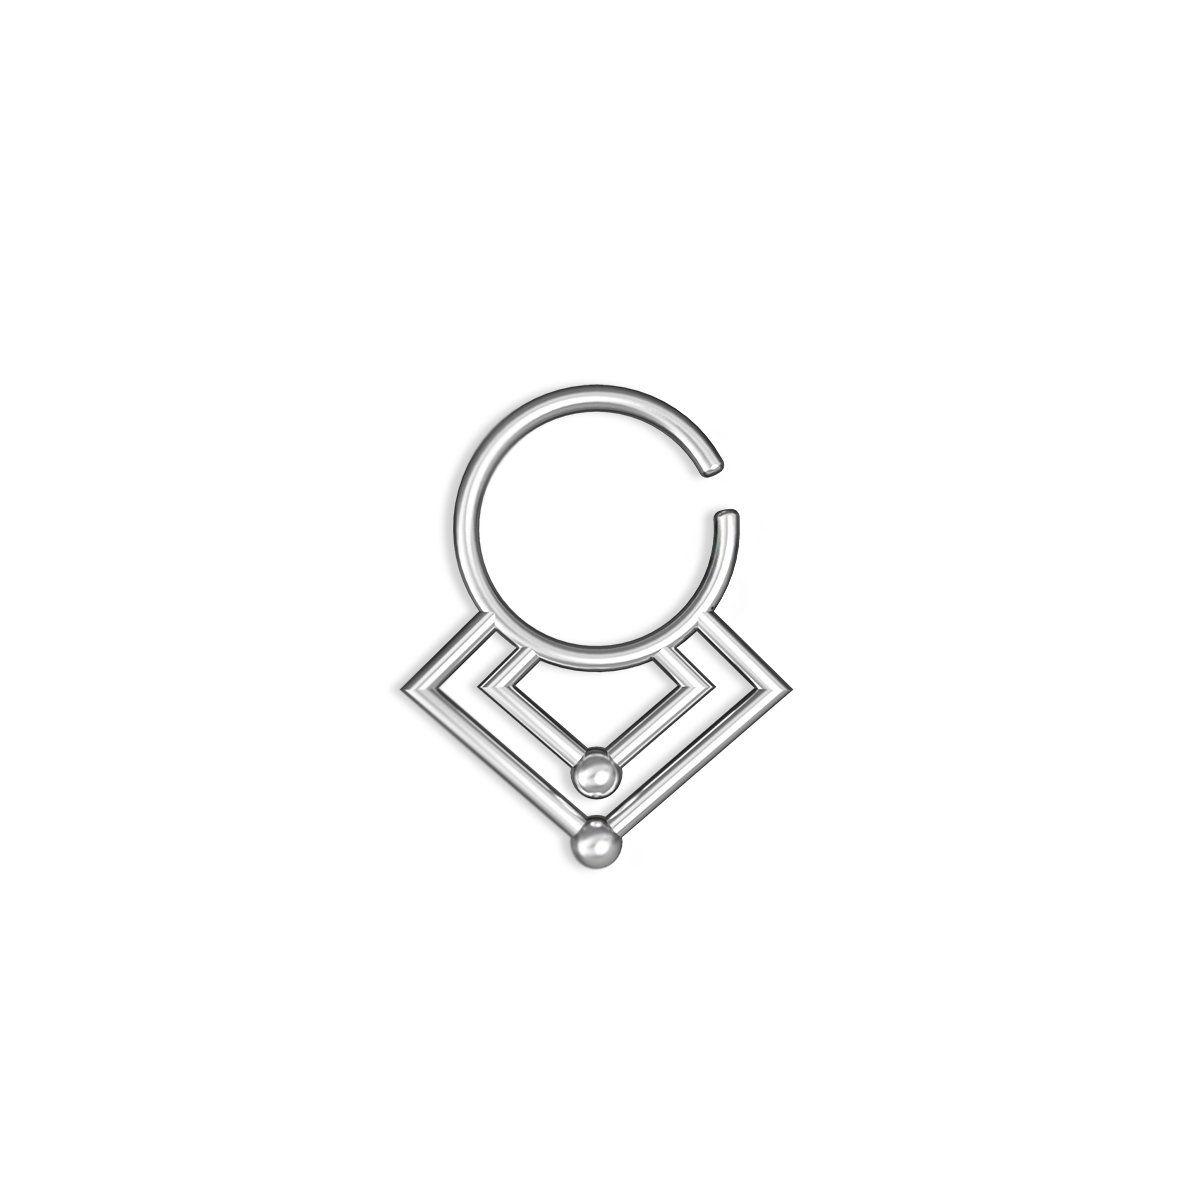 Unique septum ring , Septum , Male septum ring , Male septum , unique septum , silver septum ring , spetum , cool septum ring, Free Shipping #earrings #psychedelic #art #septums #SeptumEarring #septum #earring #jewelry #SeptumPiercing #CoolSeptum